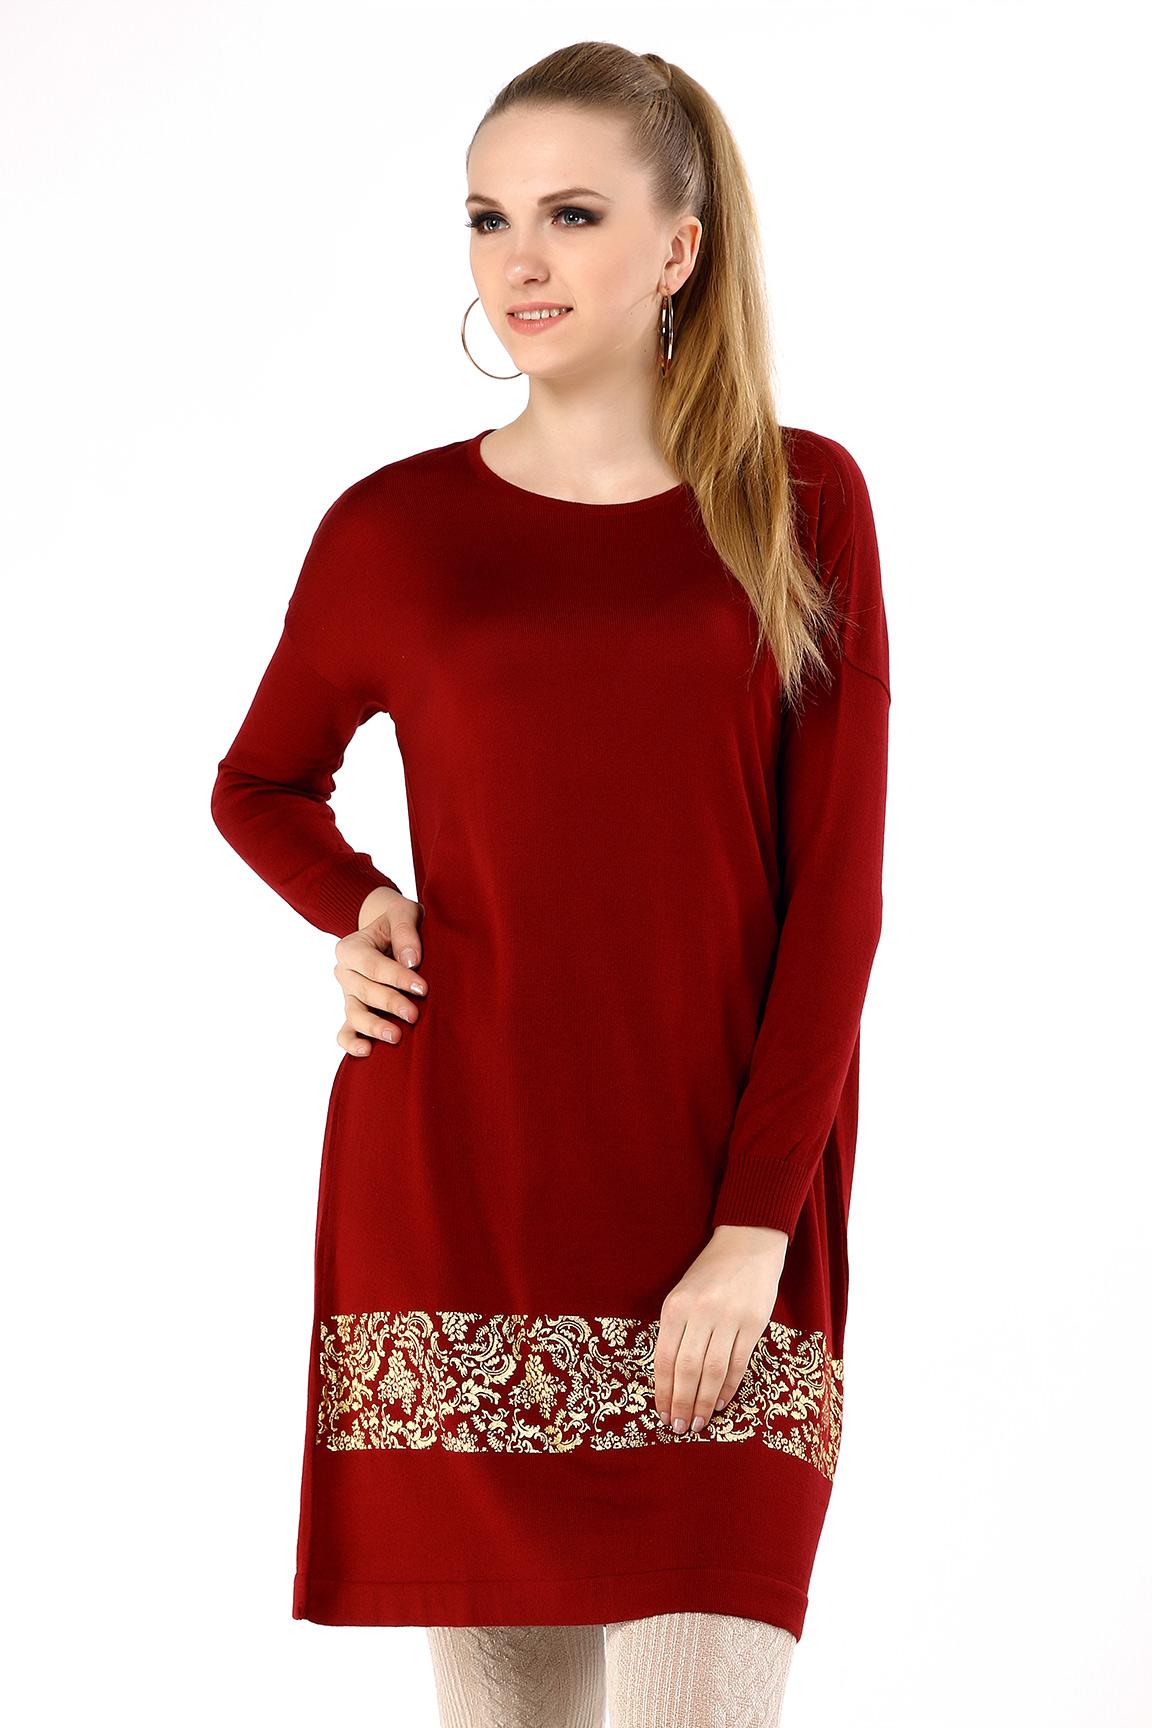 بالصور ملابس شتوية للمحجبات تركية , اجمل ملابس المحجبات التركيه الشتويه المتينه 831 9